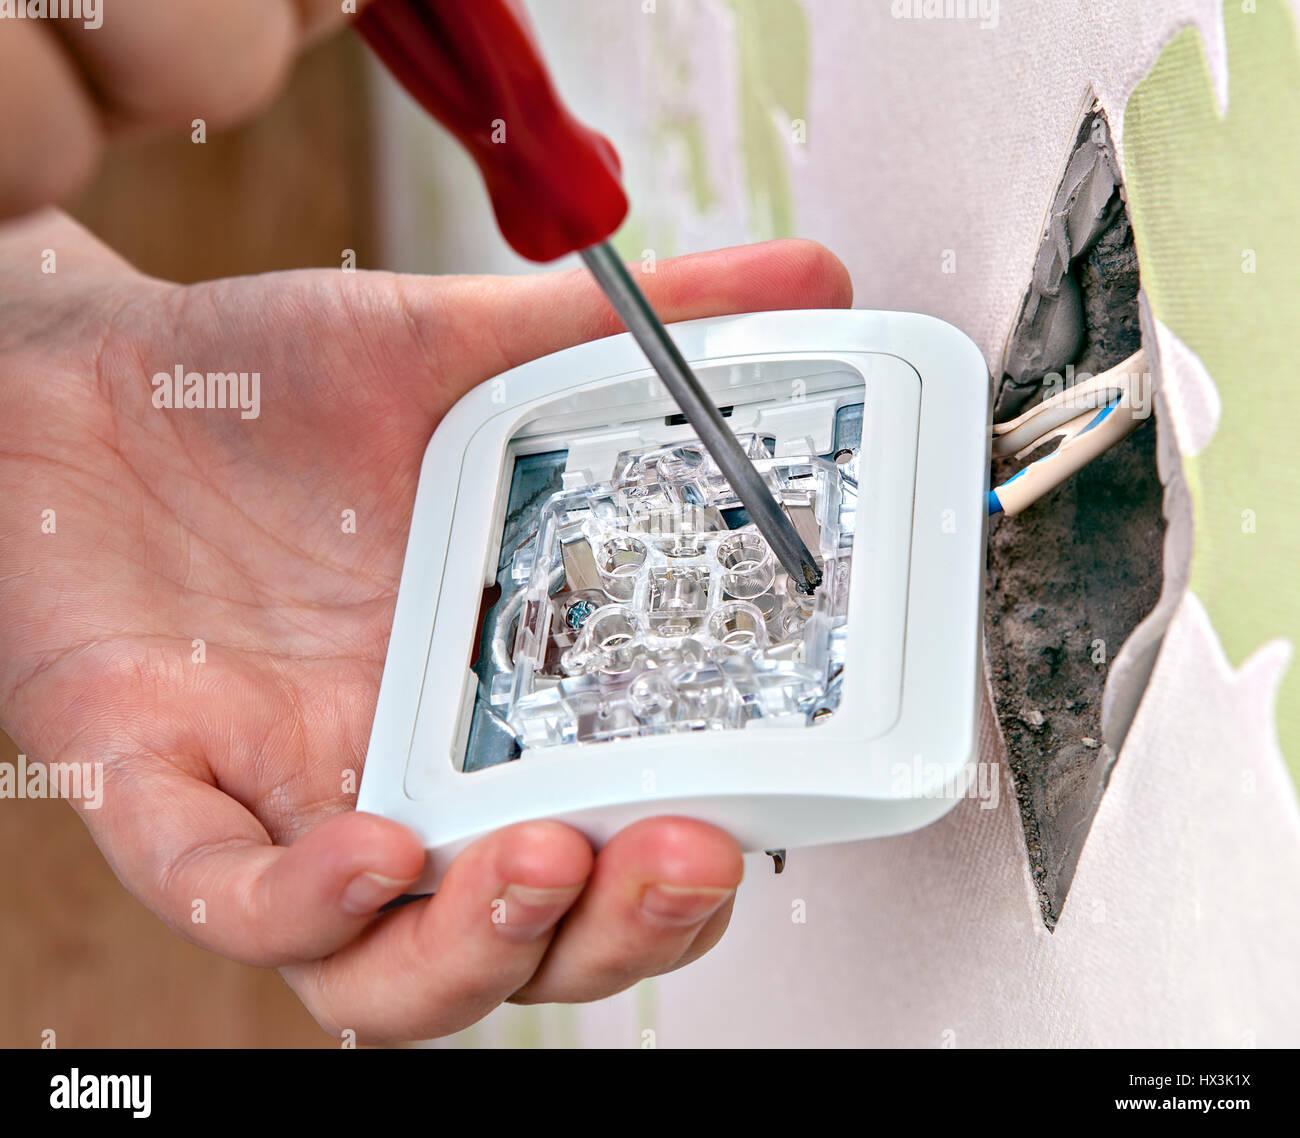 Groß ändern Eines Lichtschalterkabels Fotos - Die Besten ...